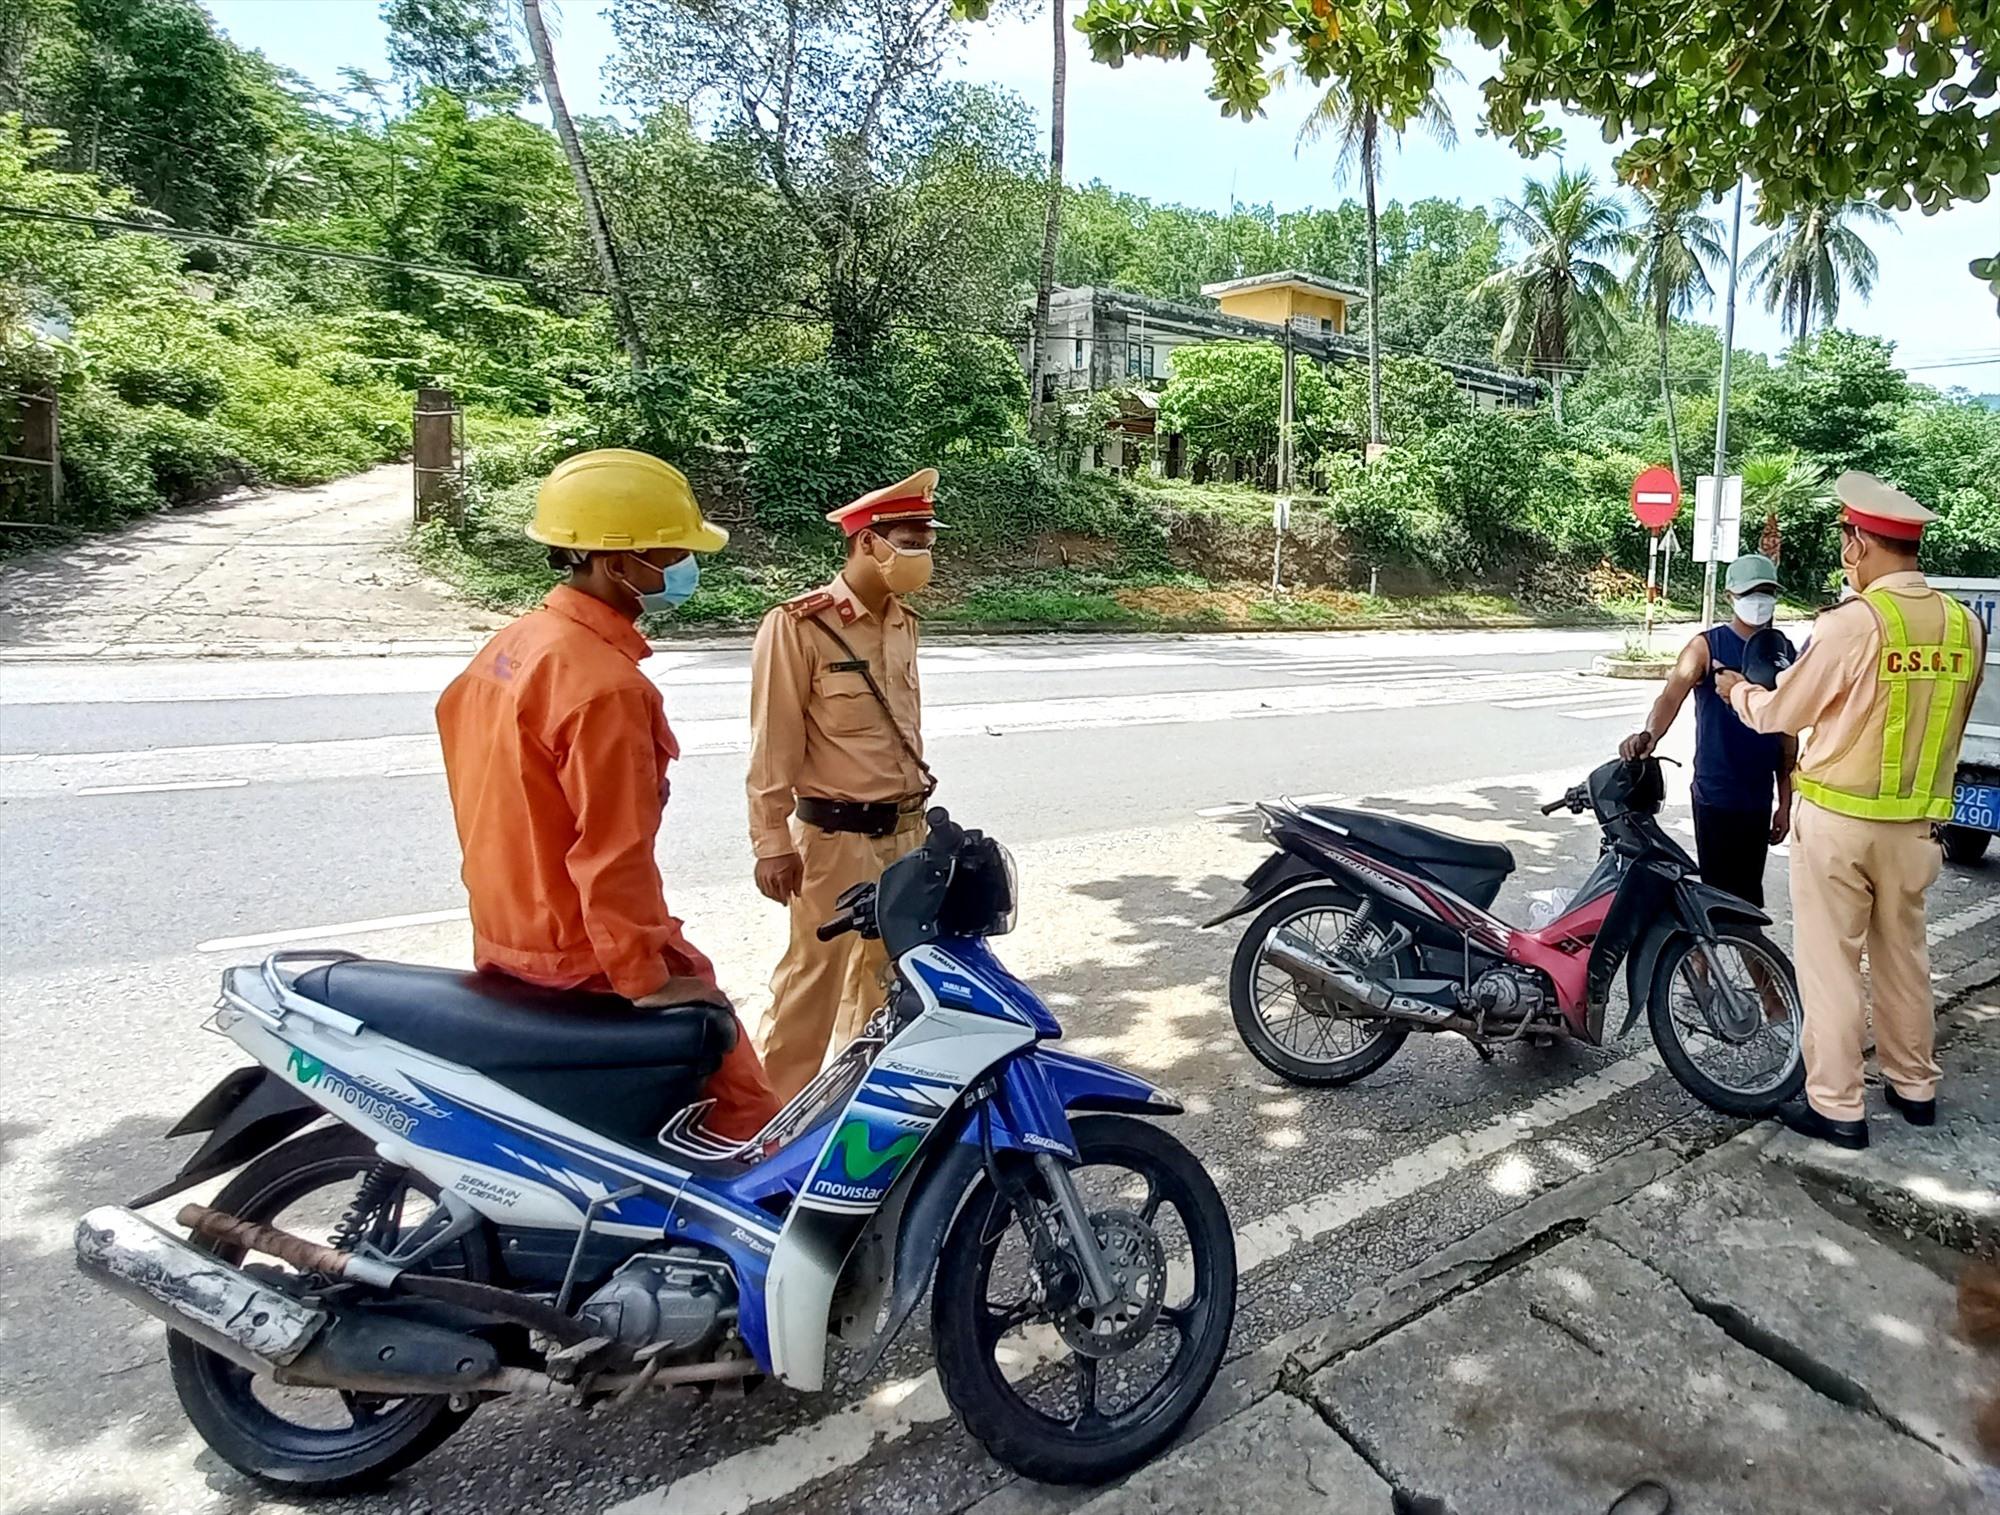 Một công nhân đội mũ bảo hộ lao động điều khiển xe máy bị lực lượng chức năng tuýt còi. Ảnh: S.C